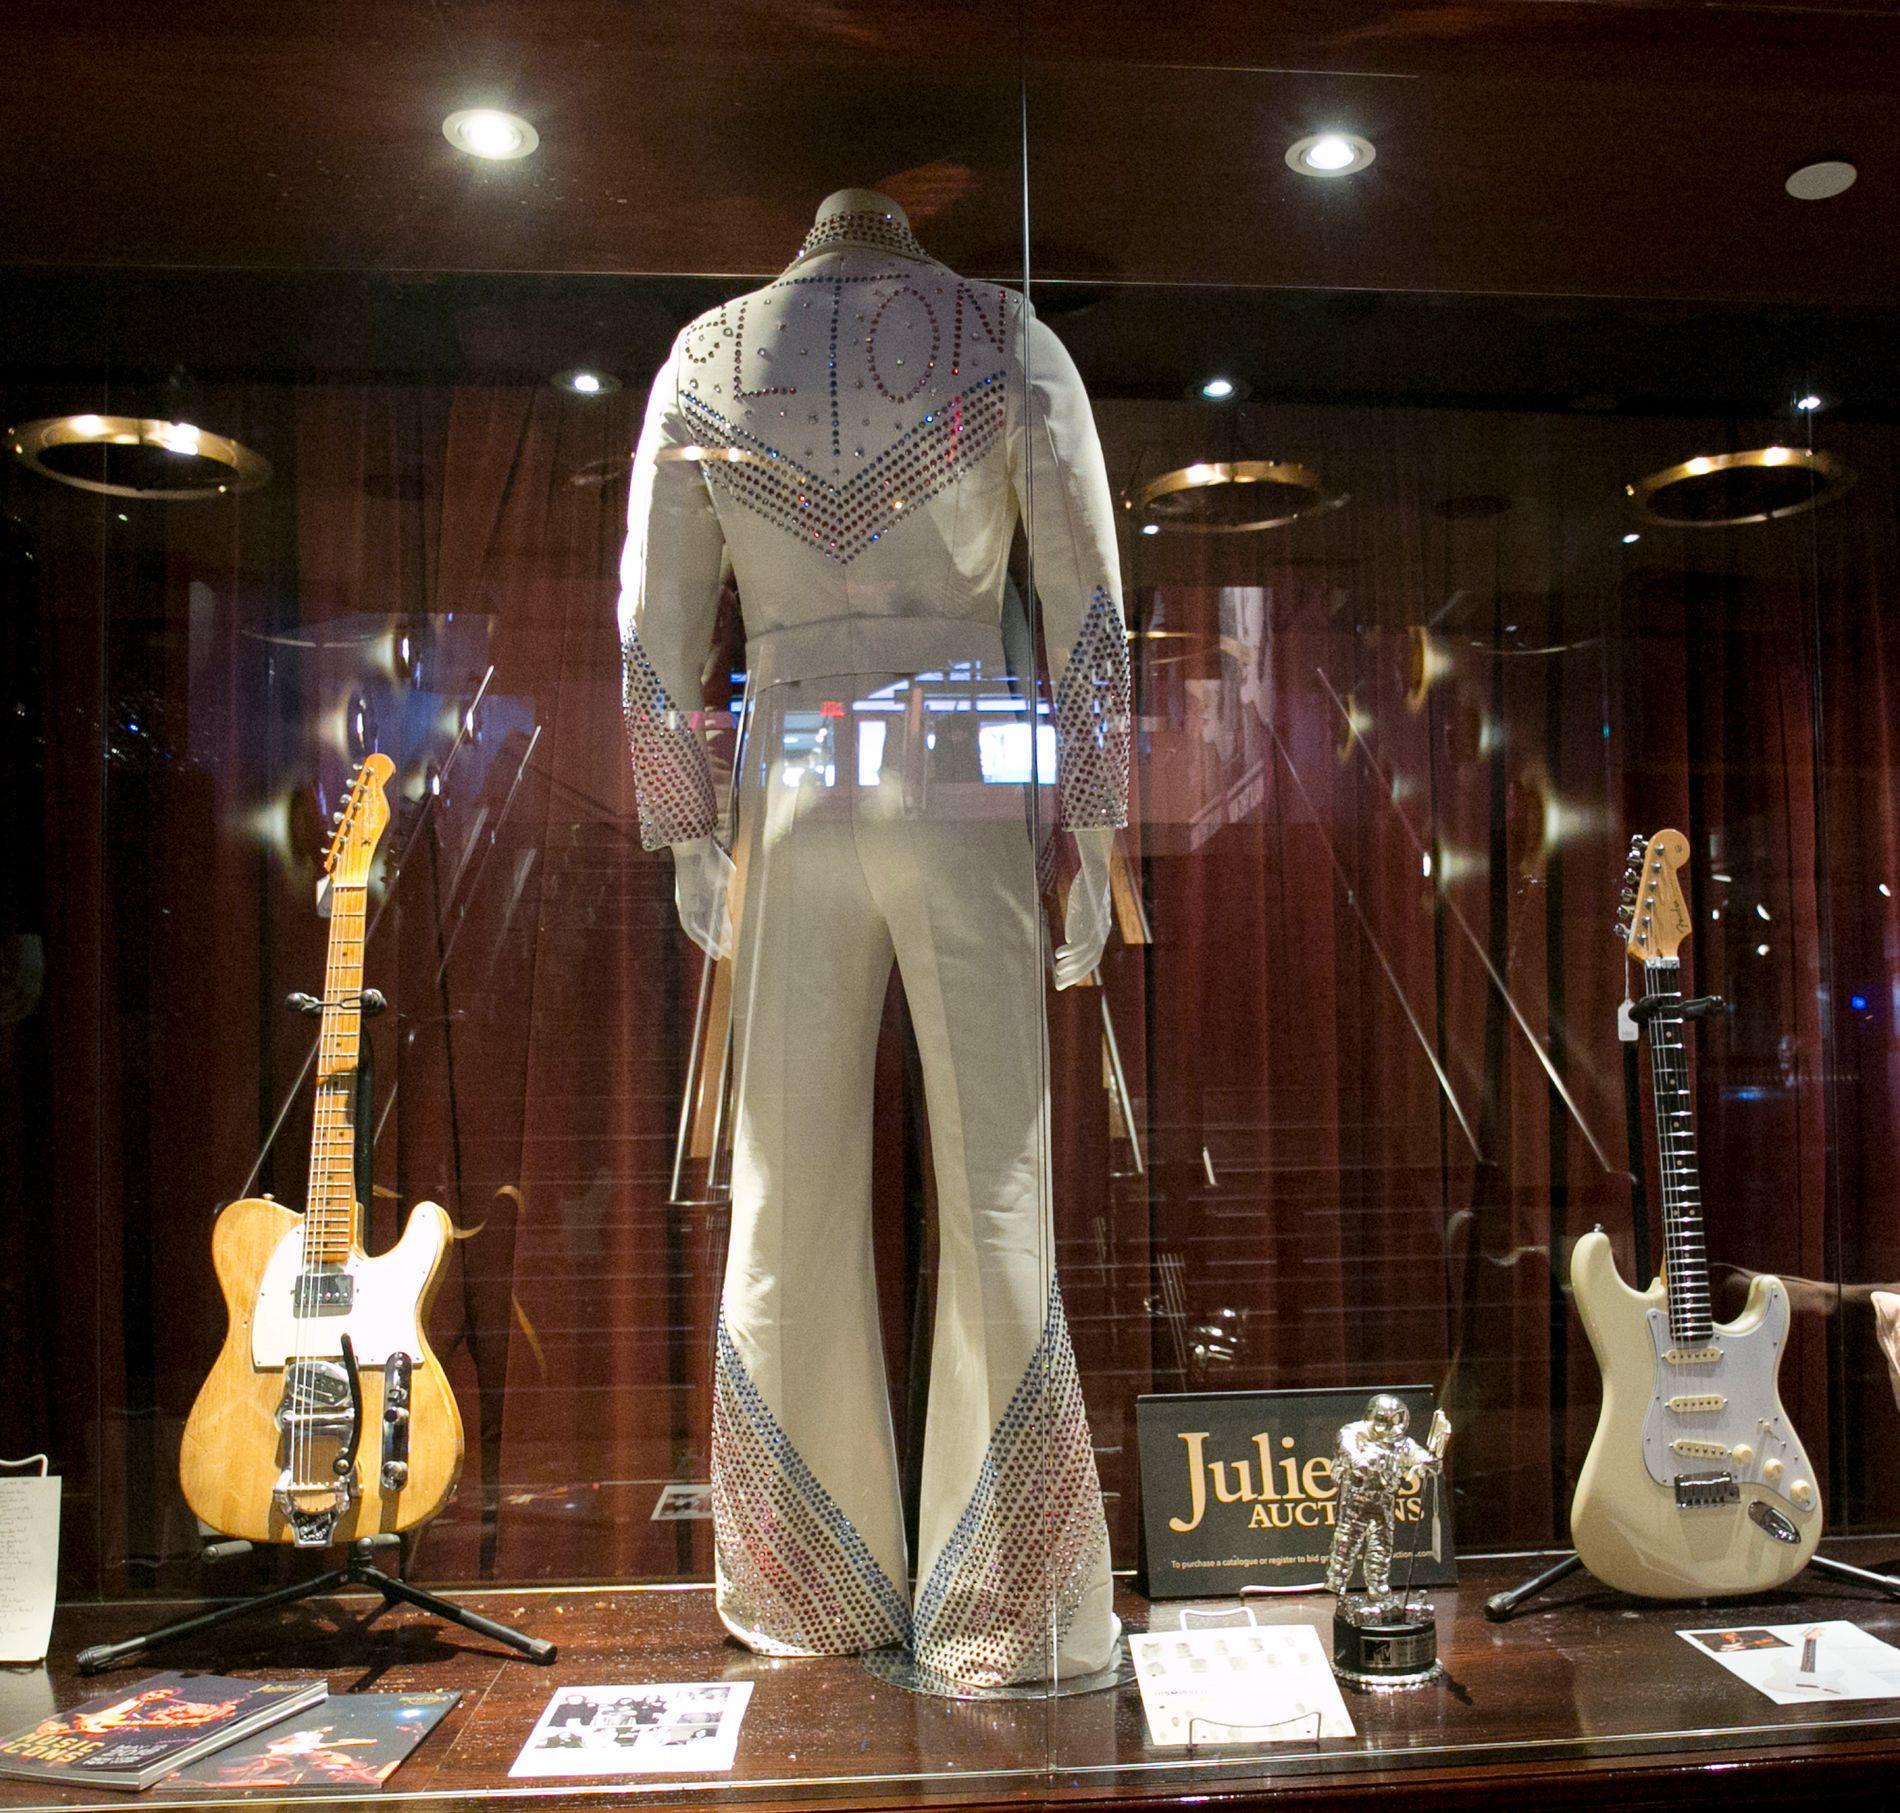 SELGES: Sjokk og oppstandelse ble resultatet da Bob Dylan la den akustiske gitaren på hylla og tok i bruk en elektrisk gitar (til venstre), eid av Robbie Robertson. I midten kan sees et scenekostyme som har tilhørt Elton John, og til høyre en gitar brukt av Jeff Beck. Foto: AP / NTB scanpix